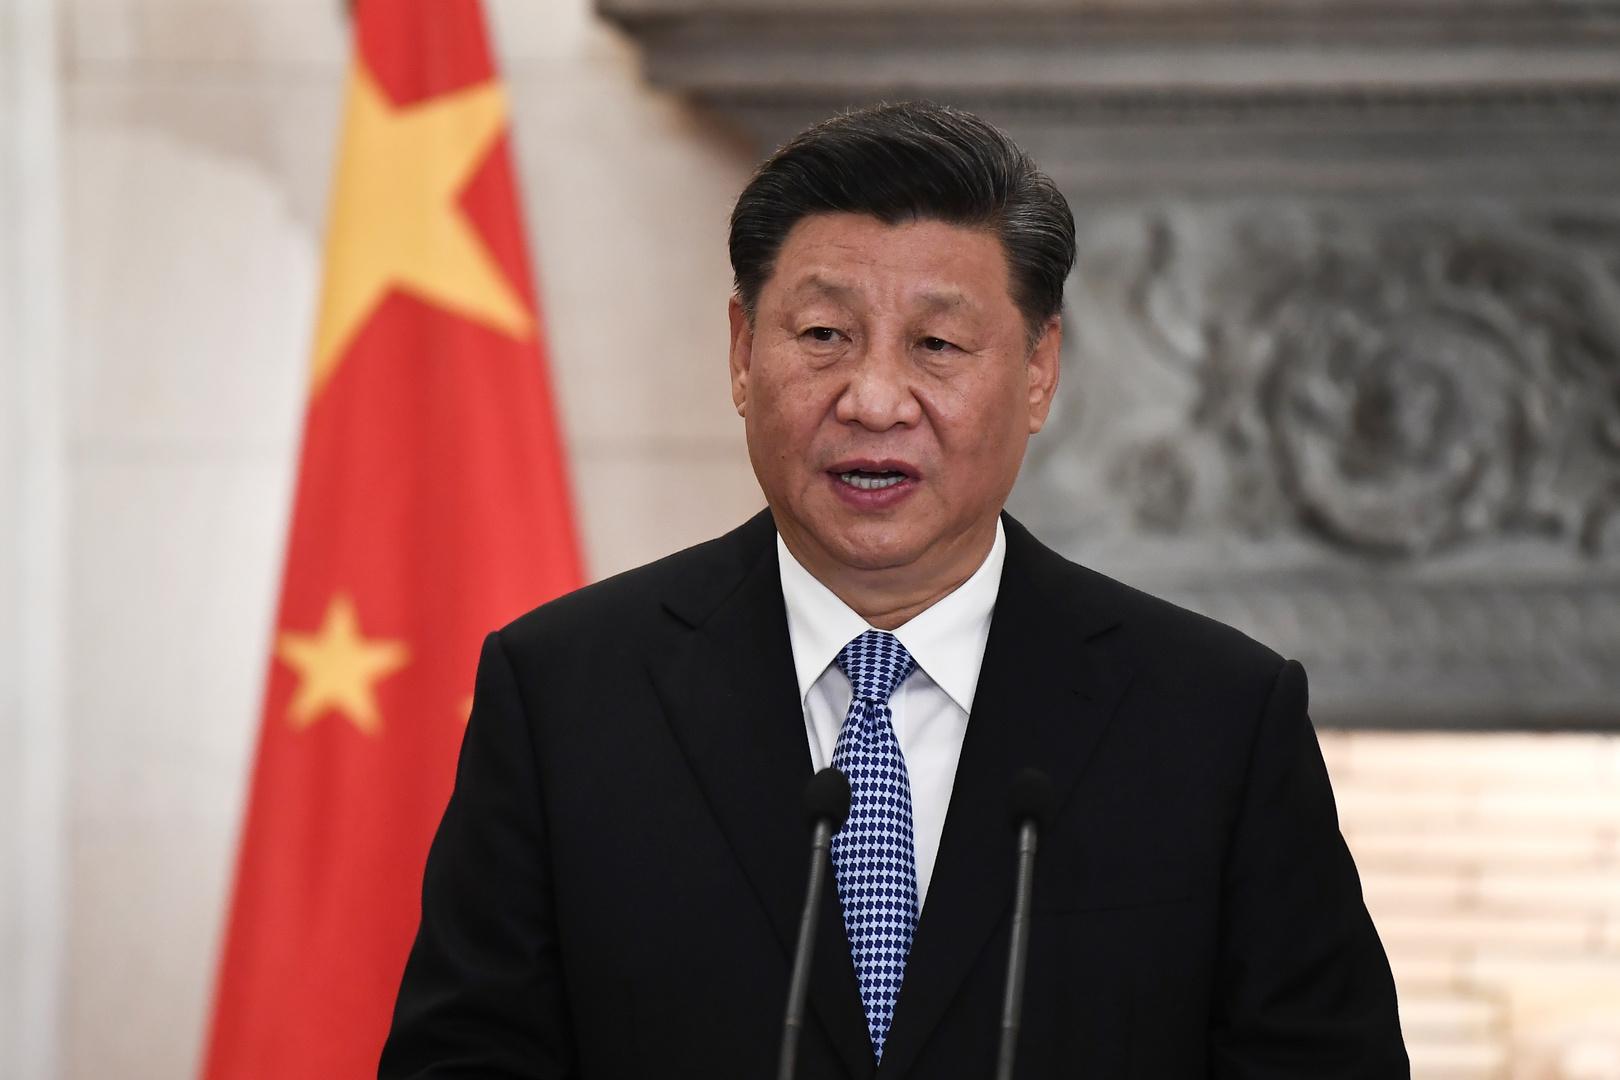 رسالة شكر من الرئيس الصيني لبيل غيتس وزوجته!